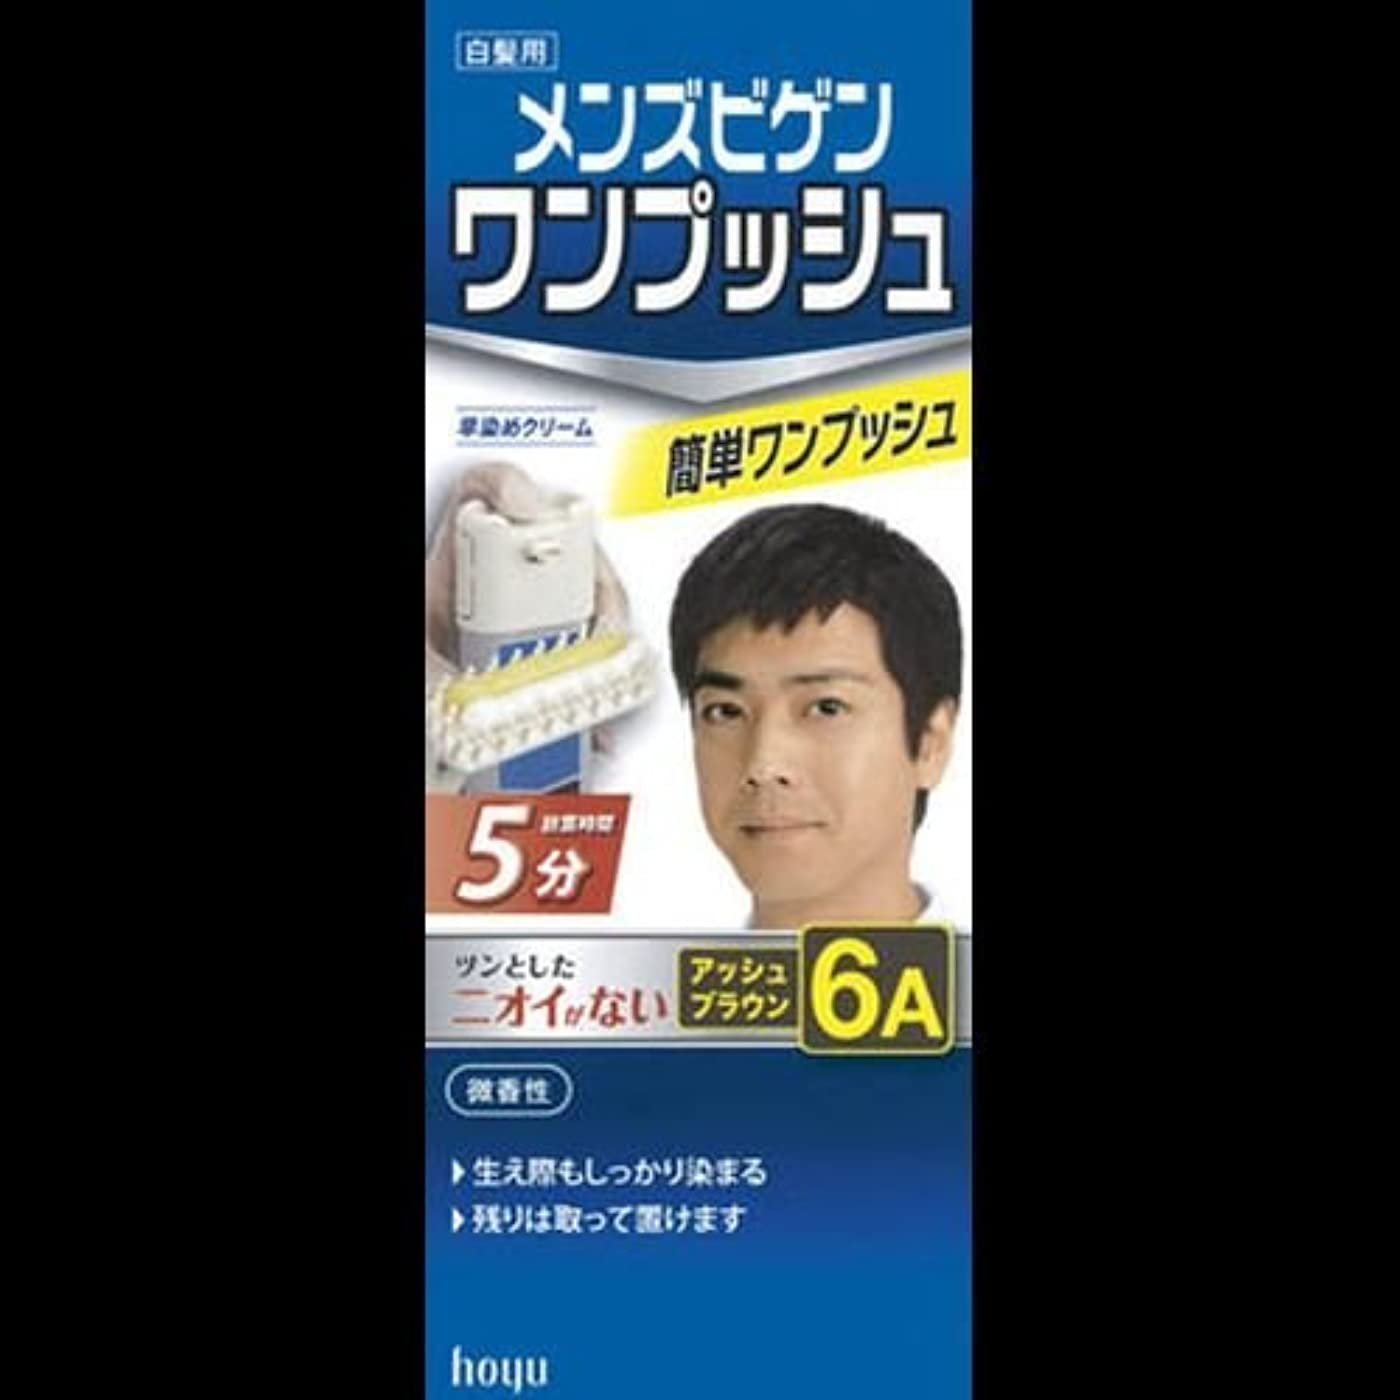 ほんの排除する胃メンズビゲン ワンプッシュ 6A アッシュブラウン ×2セット